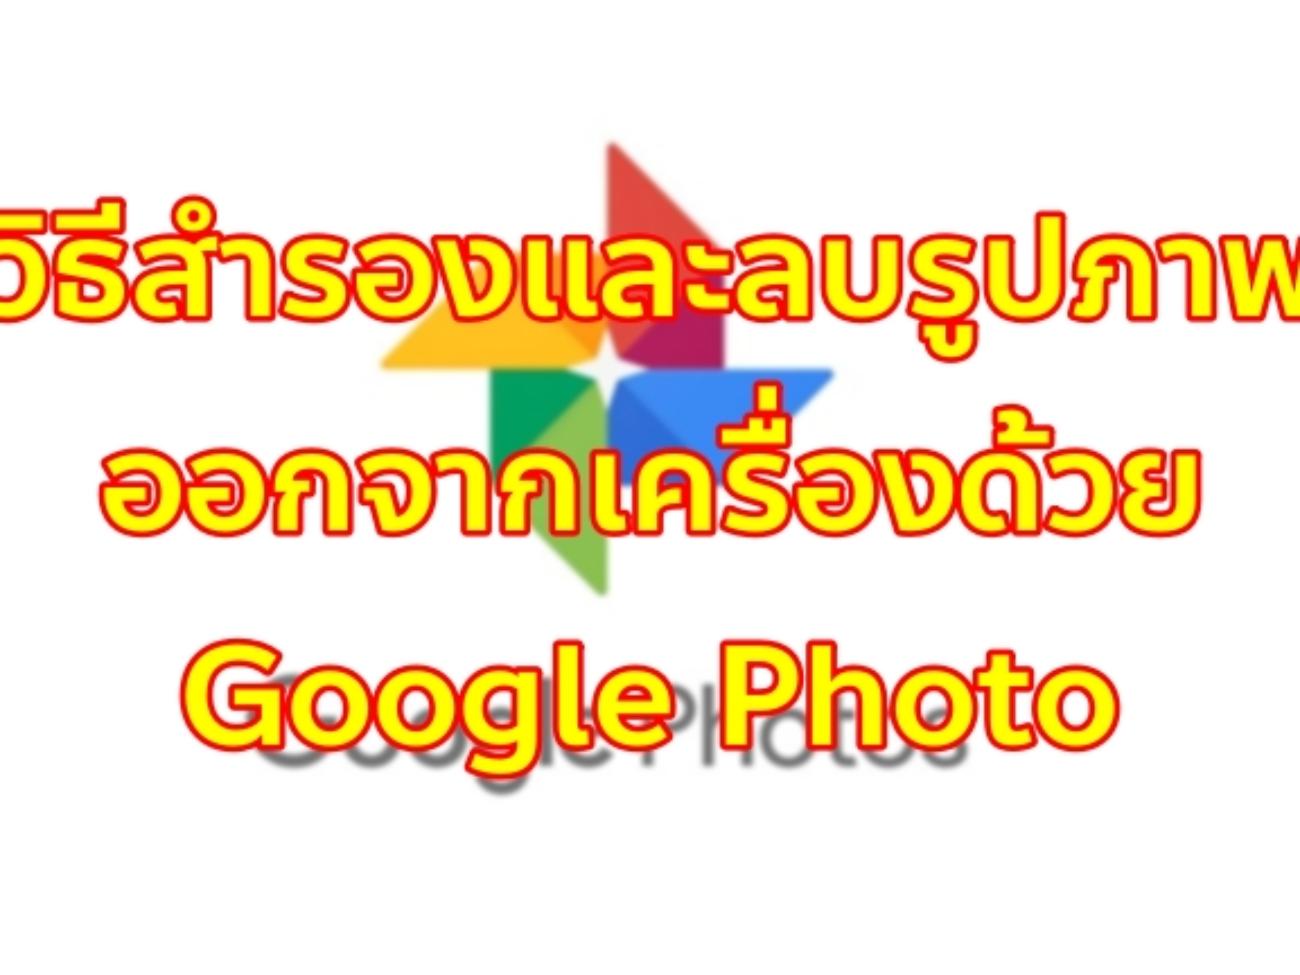 Google-Photos-cover